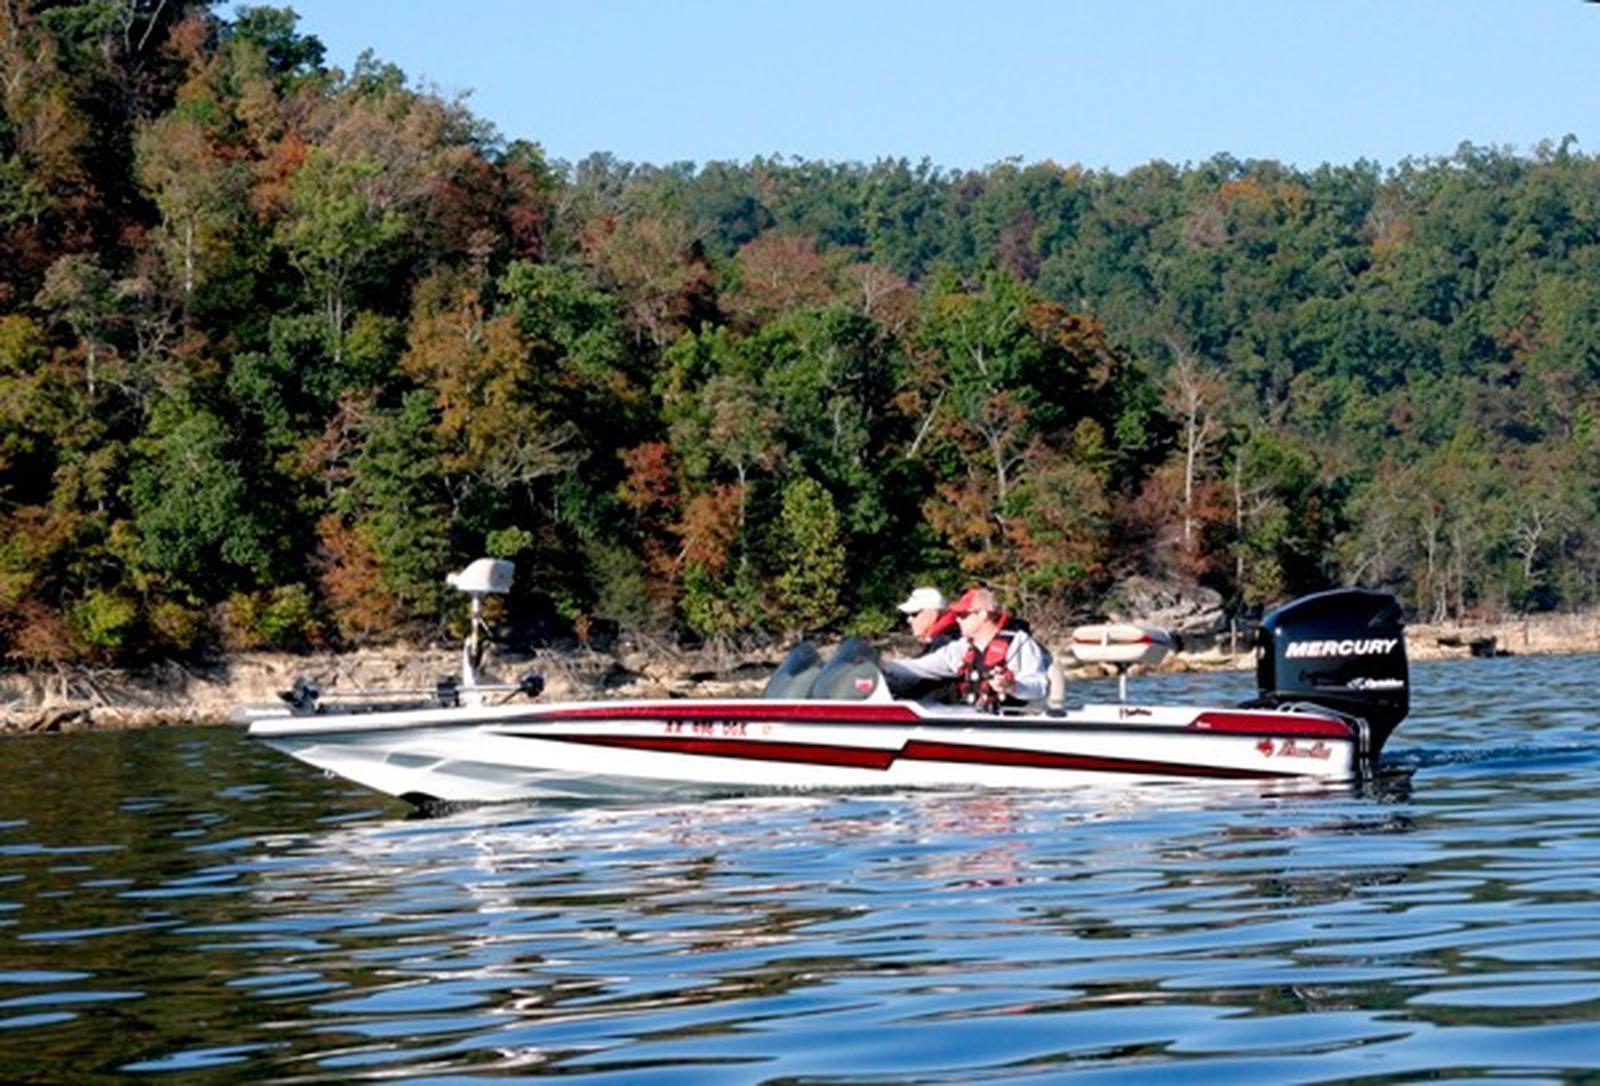 Boating on Beaver Lakeboat floating on the lake